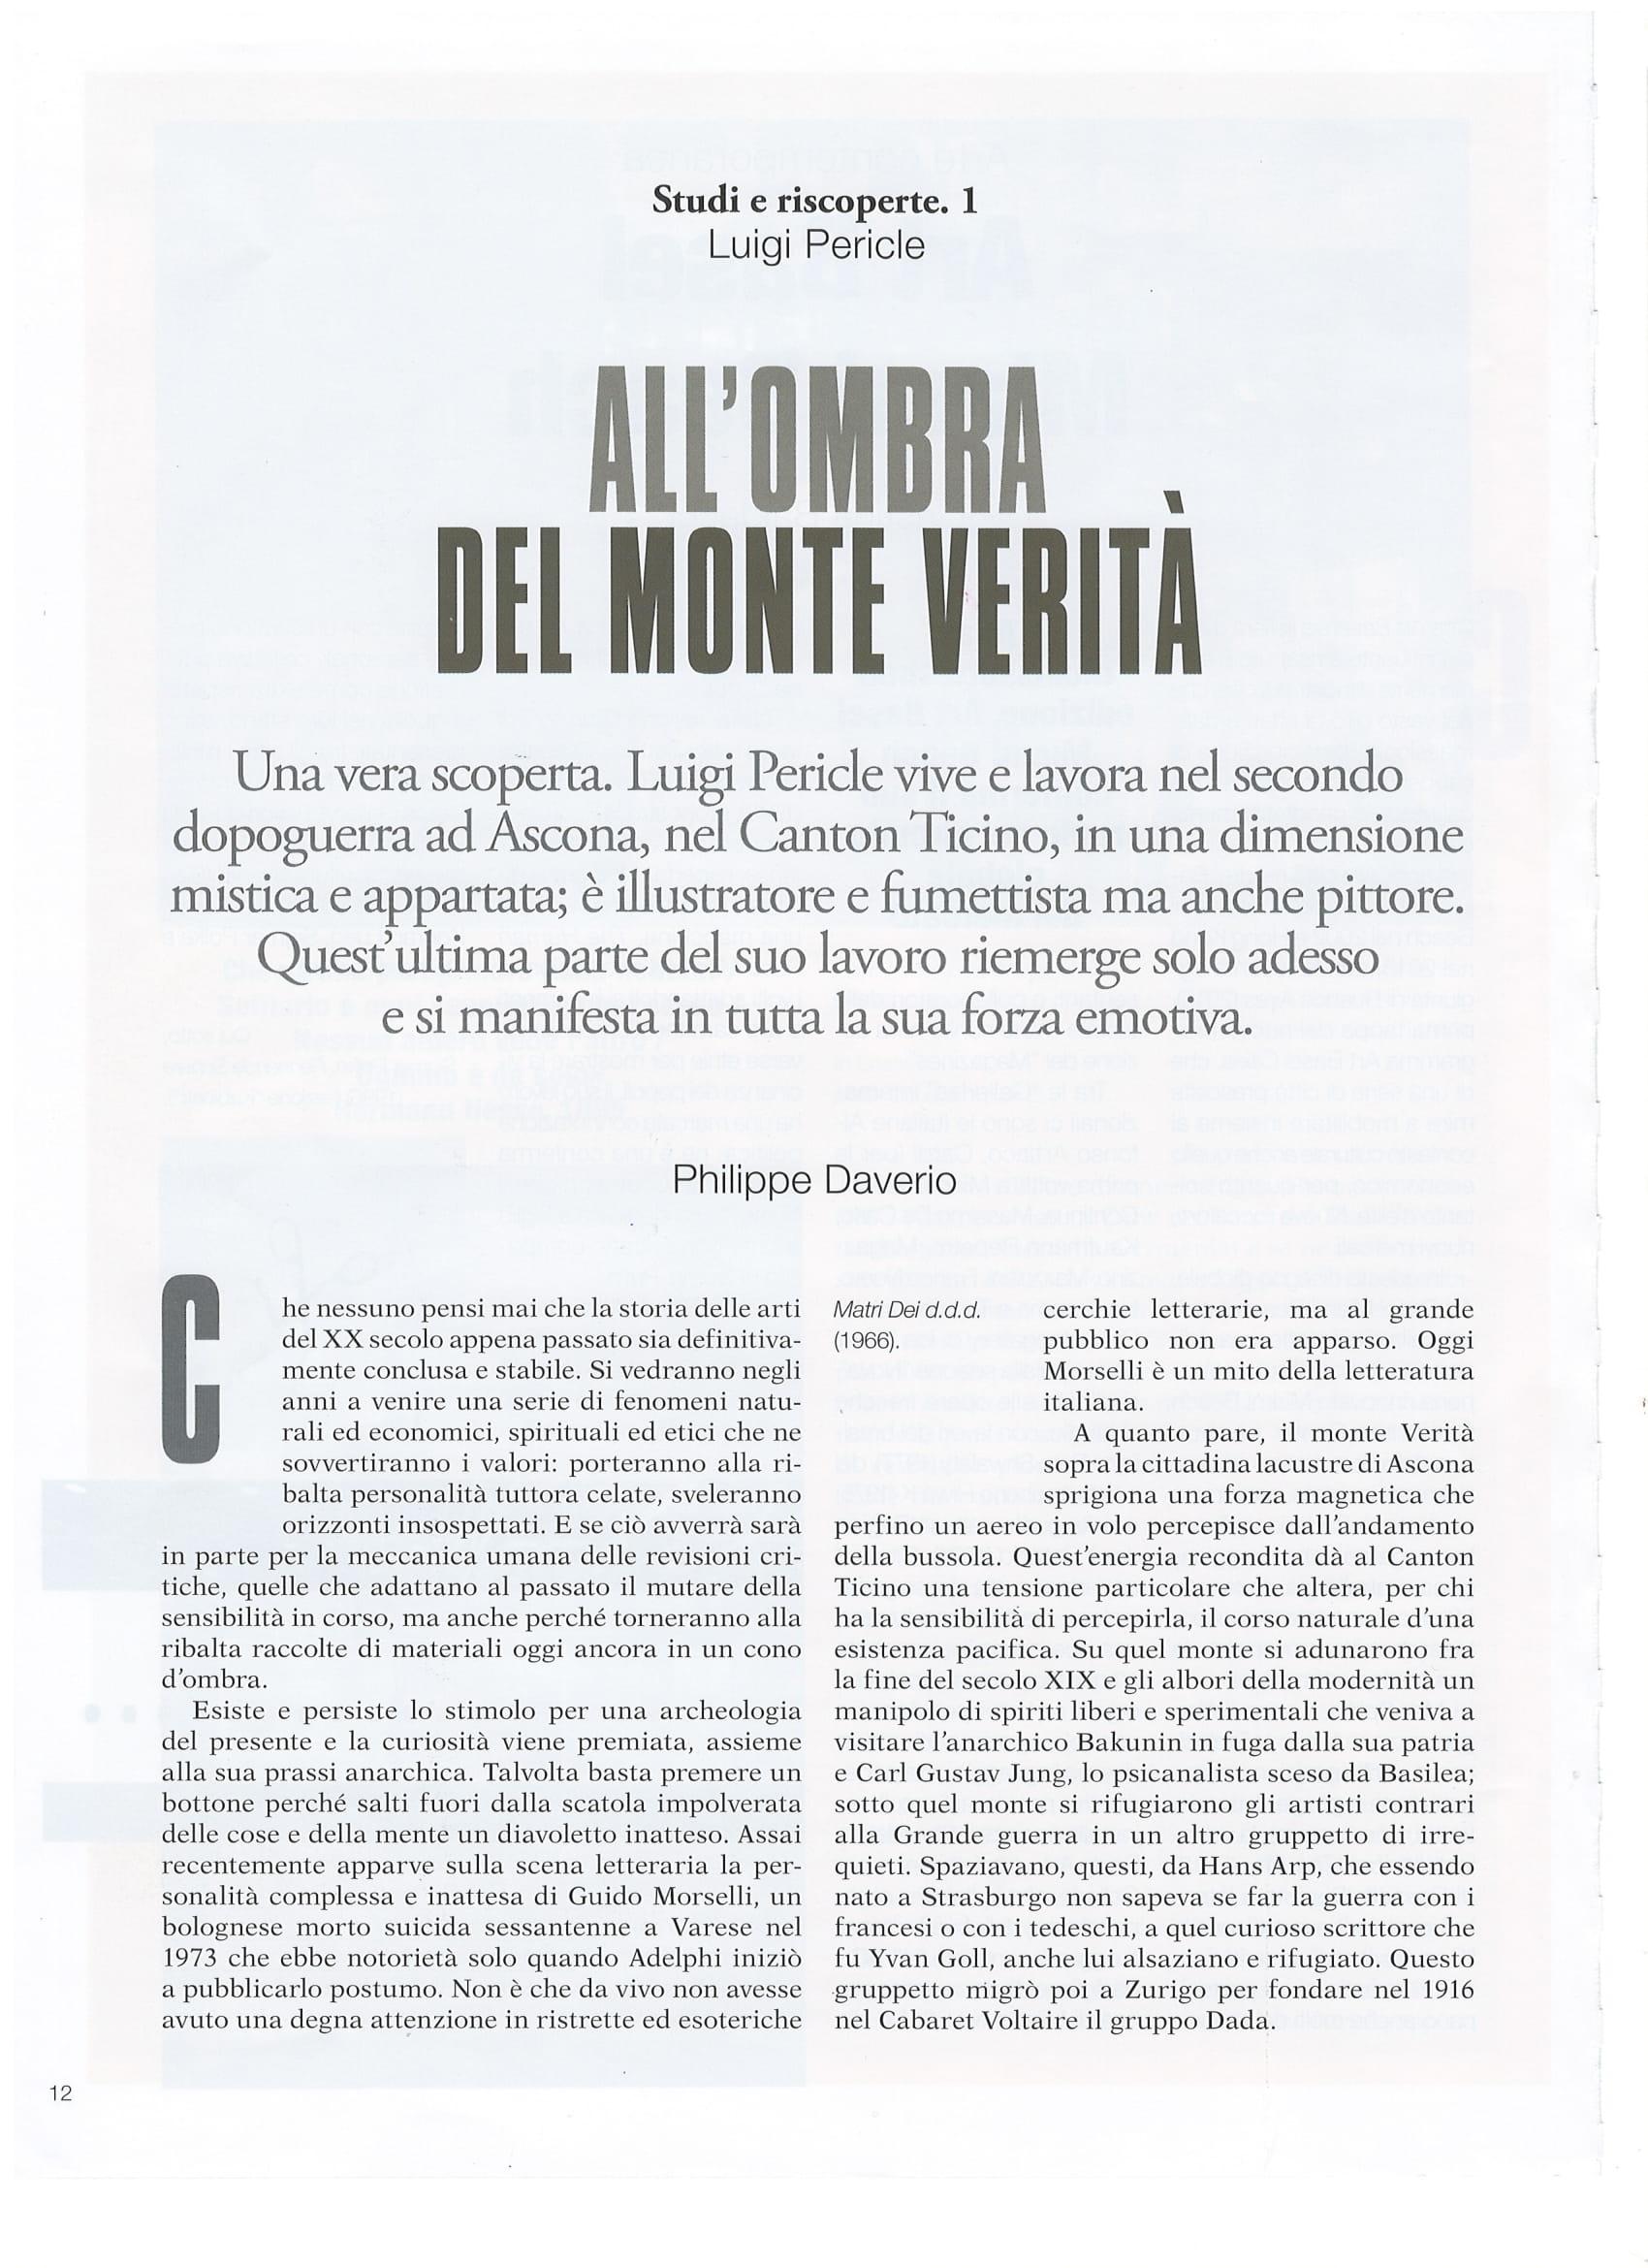 All'ombra del Monte Verità, Luigi Pericle. Philippe Daverio